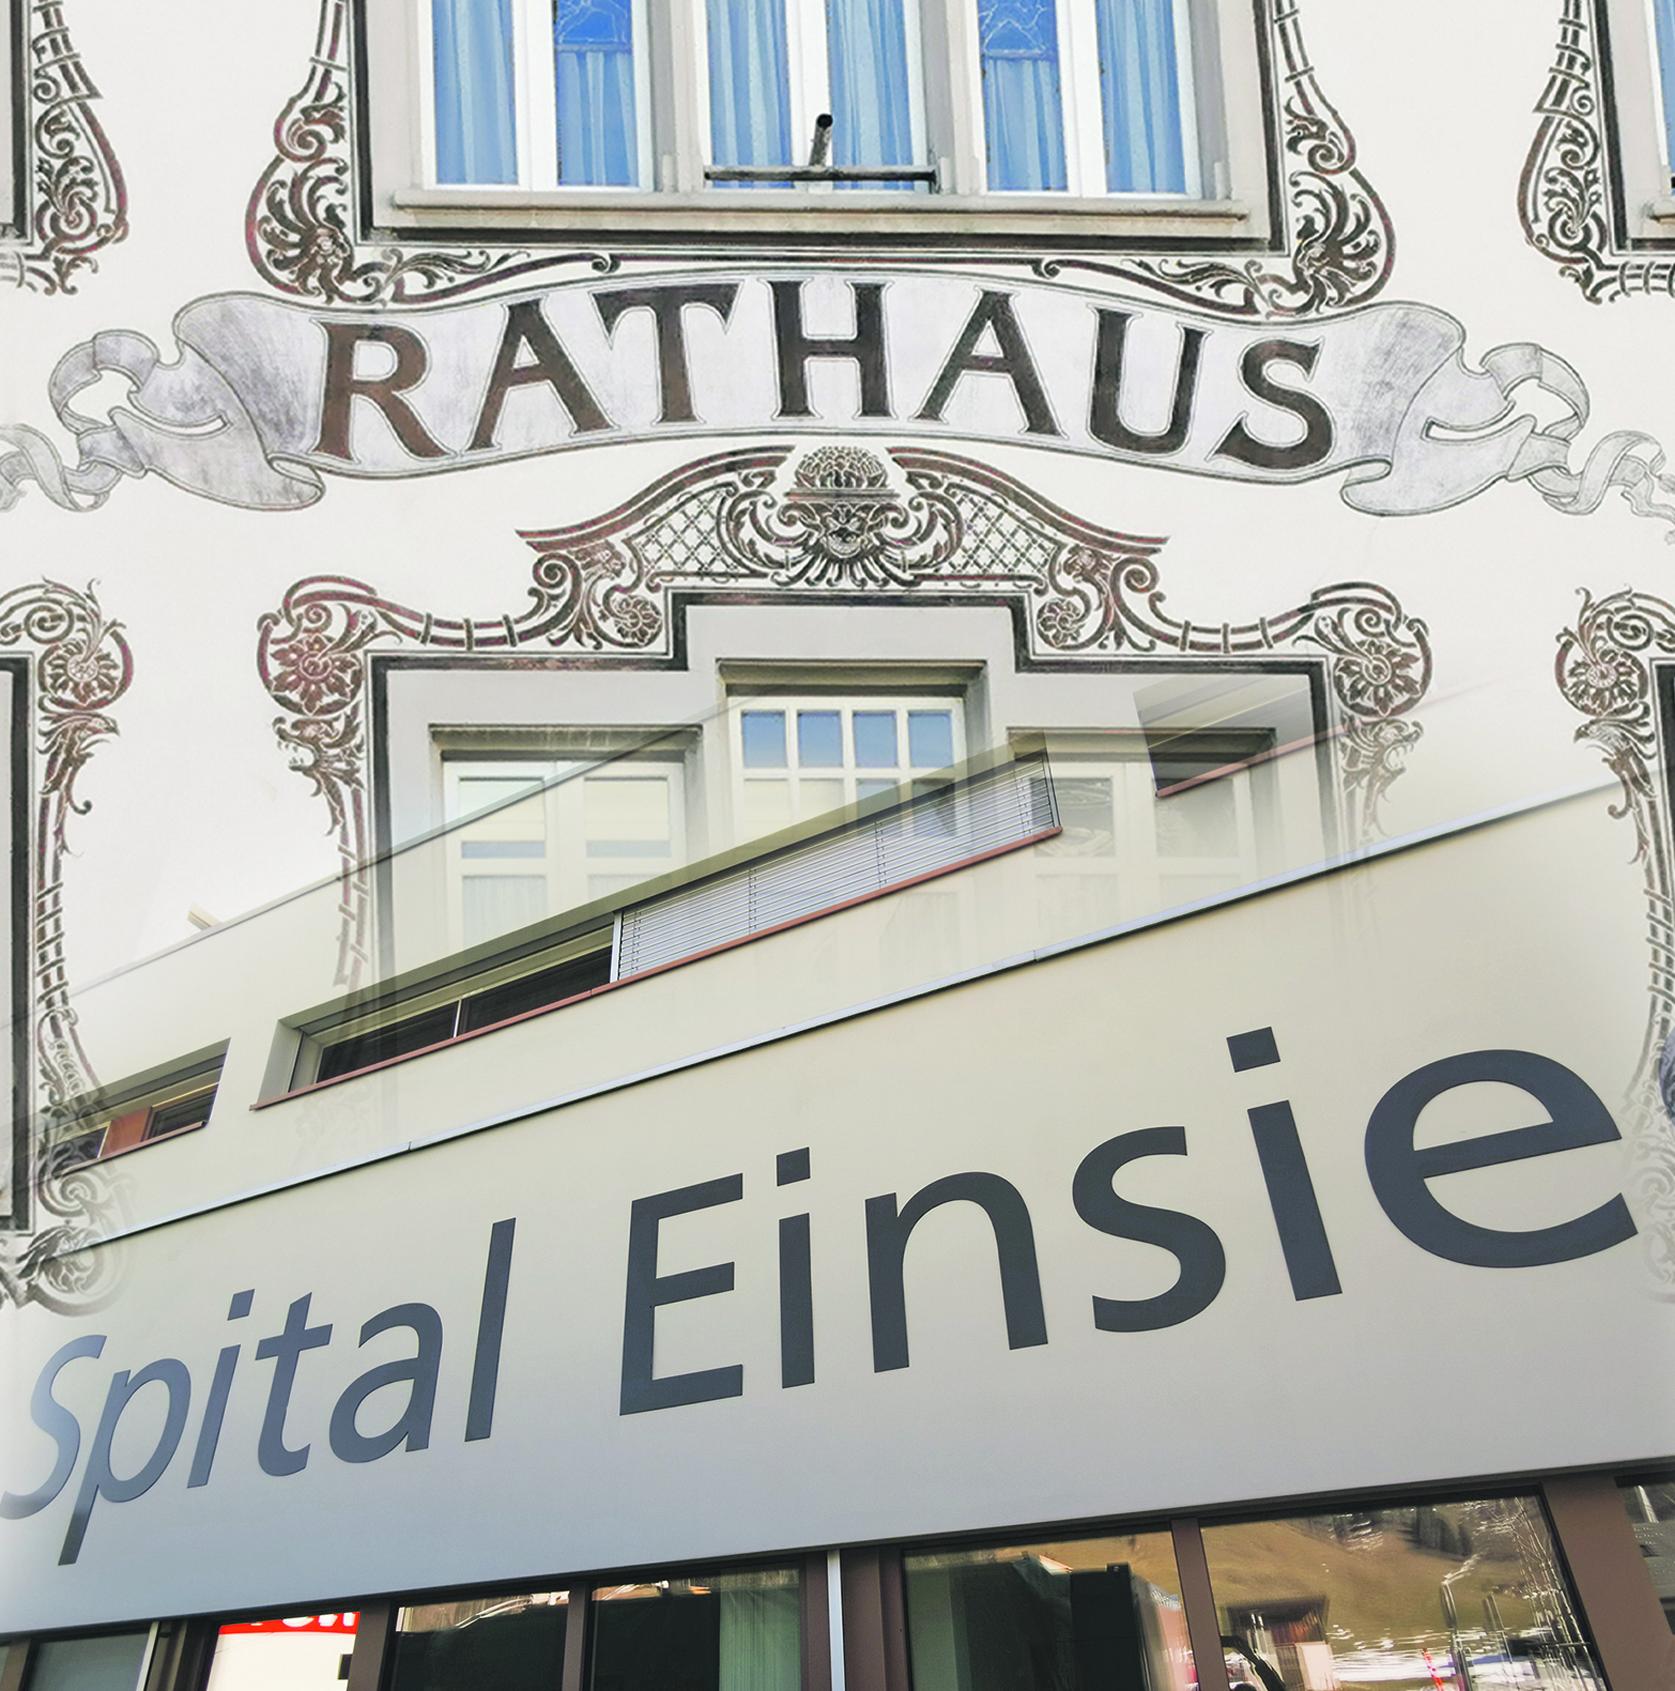 Heute lesen, was morgen im EA steht: FDP Einsiedeln fordert Bezirksrat auf, alten «Spital-Zopf» abzuschneiden